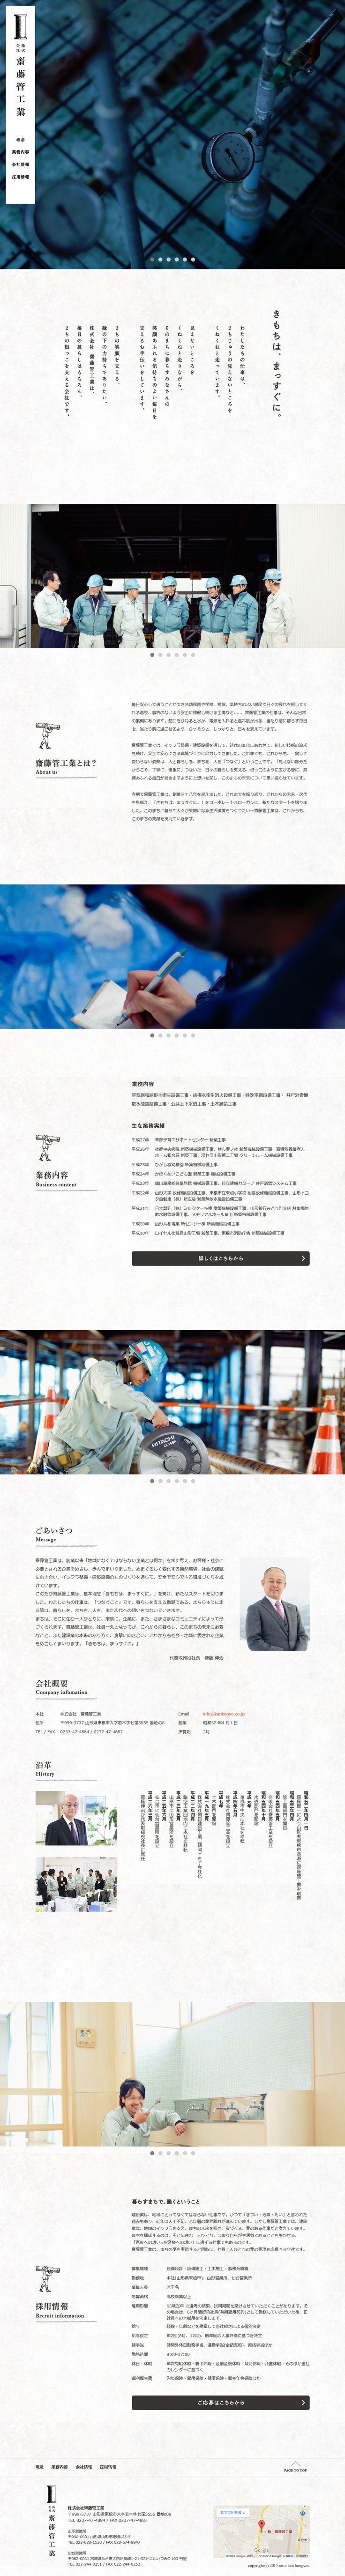 【株式会社 齋藤管工業】和風、企業、パララックス、スタッフ